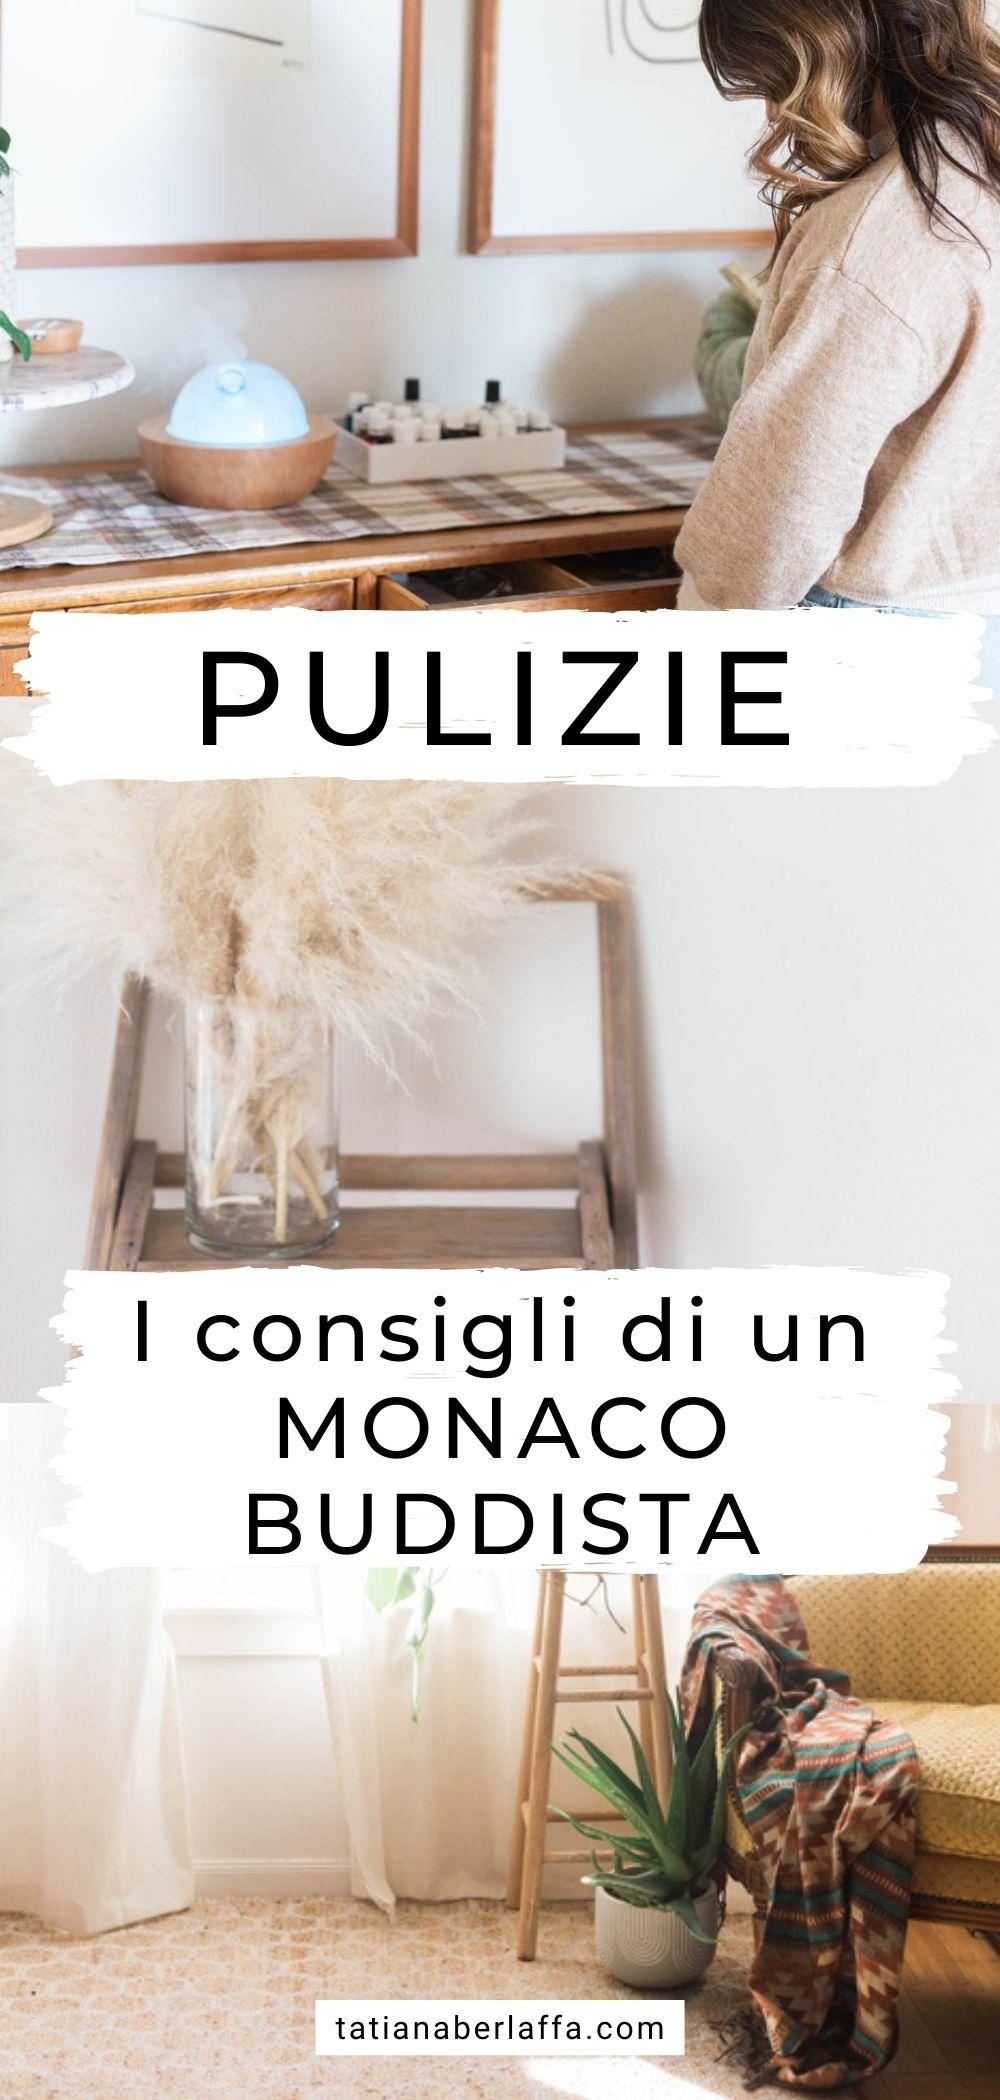 Pulizie: i consigli di un monaco buddista per farle al meglio e trasformarle in una pratica di meditazione quotidiana.